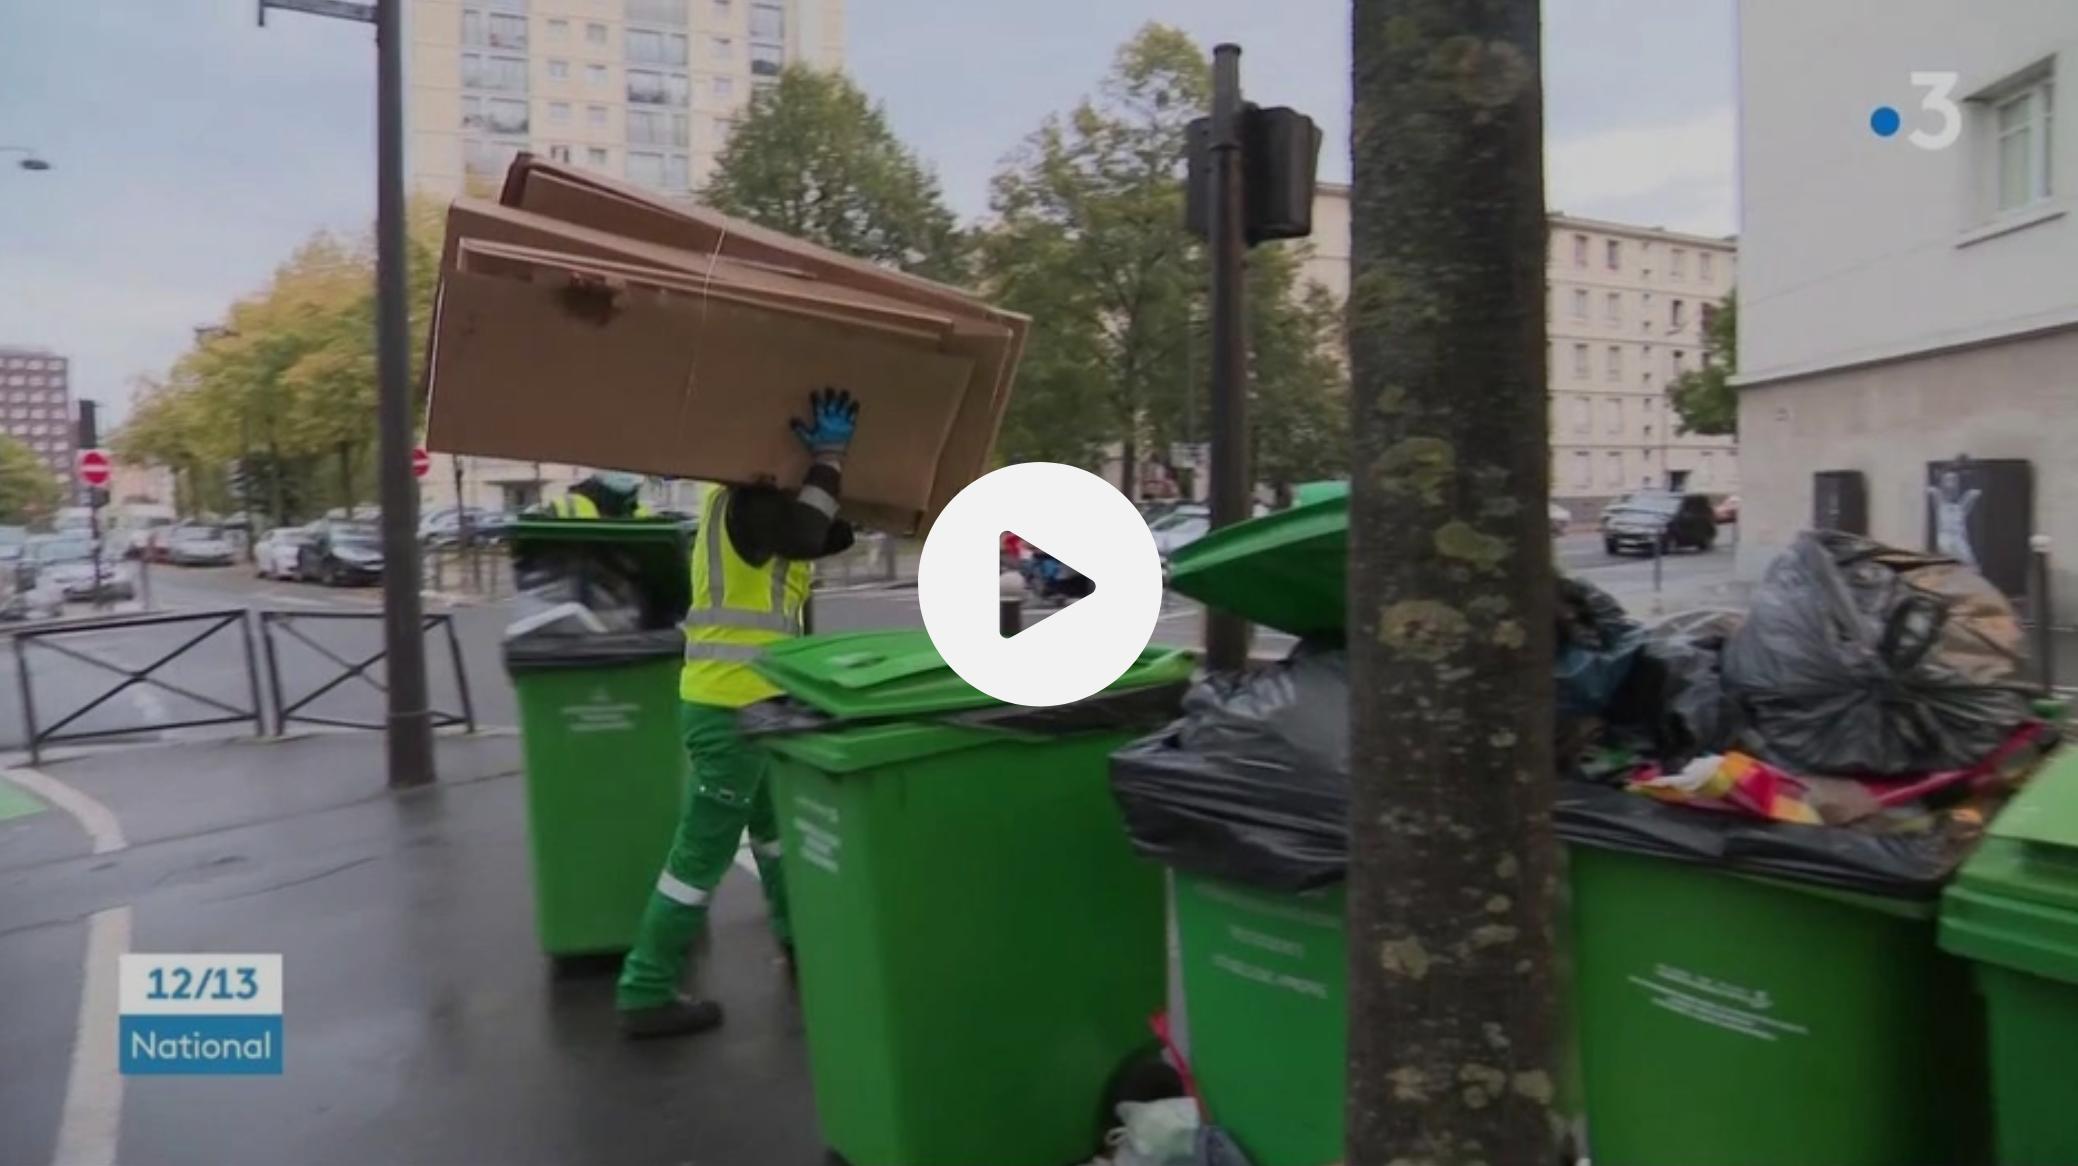 Saleté : la Ville de Paris dénoncée sur les réseaux sociaux (VIDÉO)